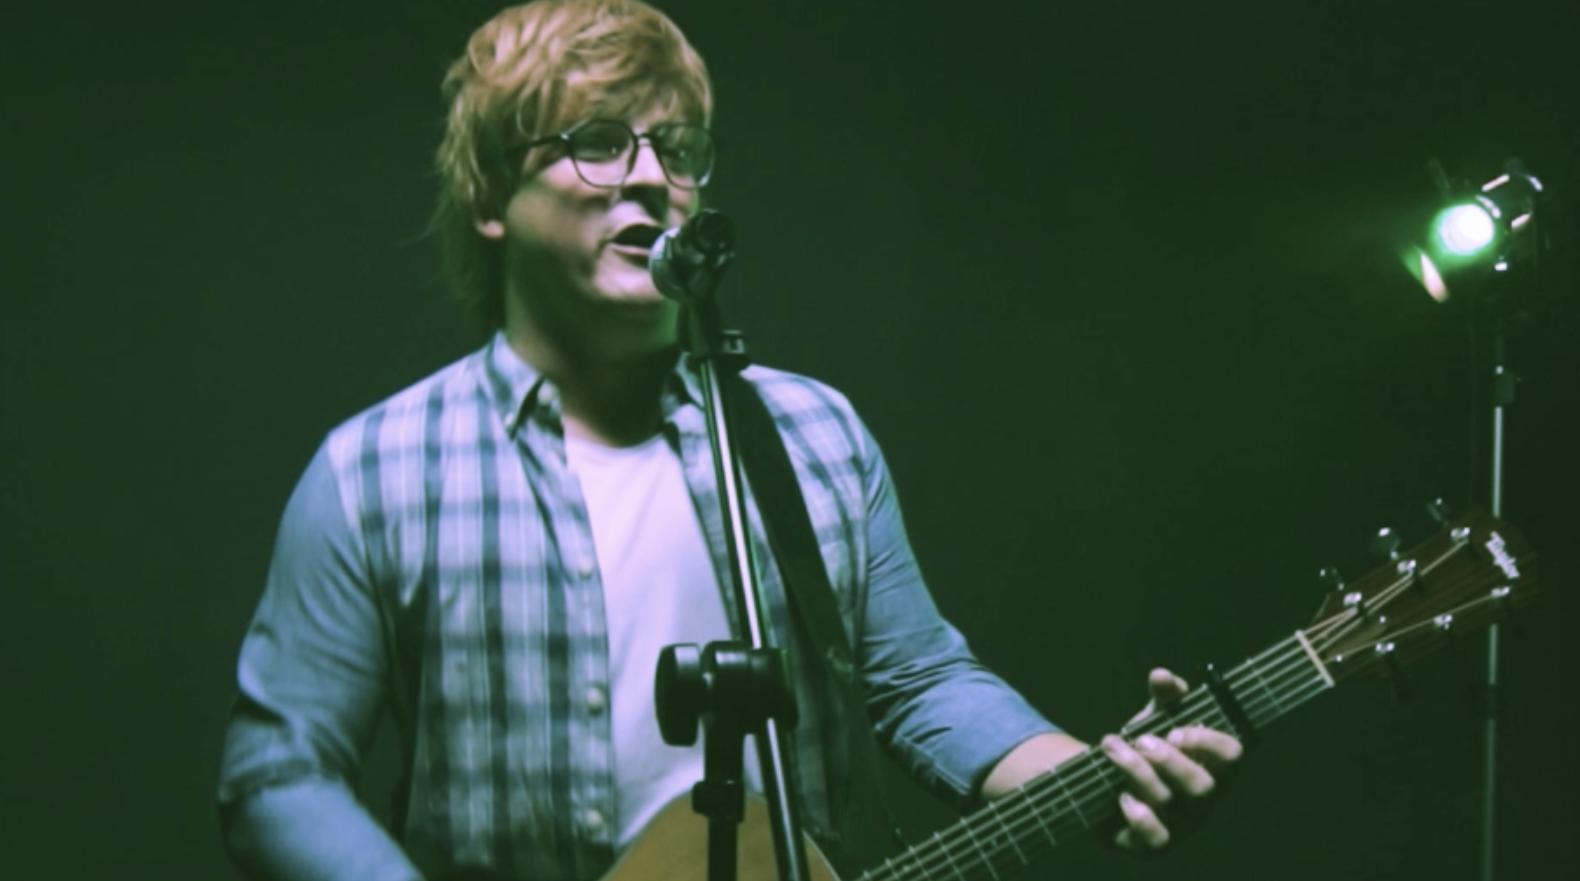 Ed Sheeran Tribute Act - Rick Moorhouse